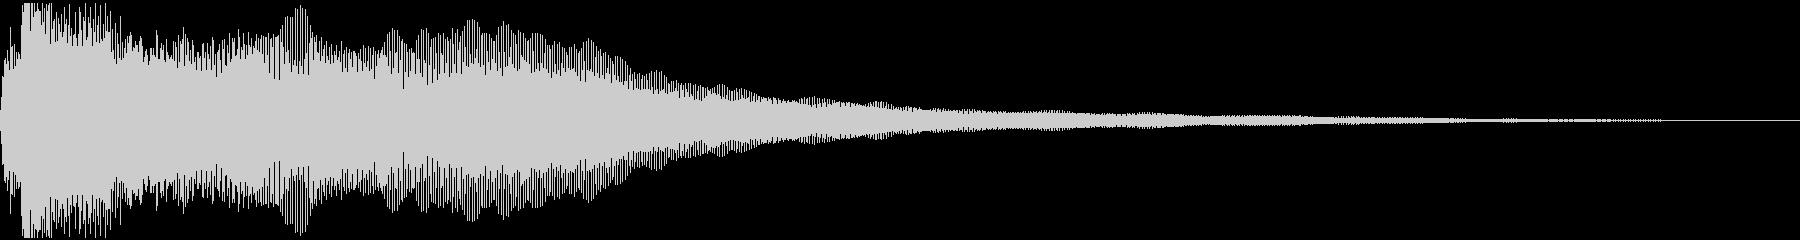 渦巻くアンビエントシンセは、まばら...の未再生の波形